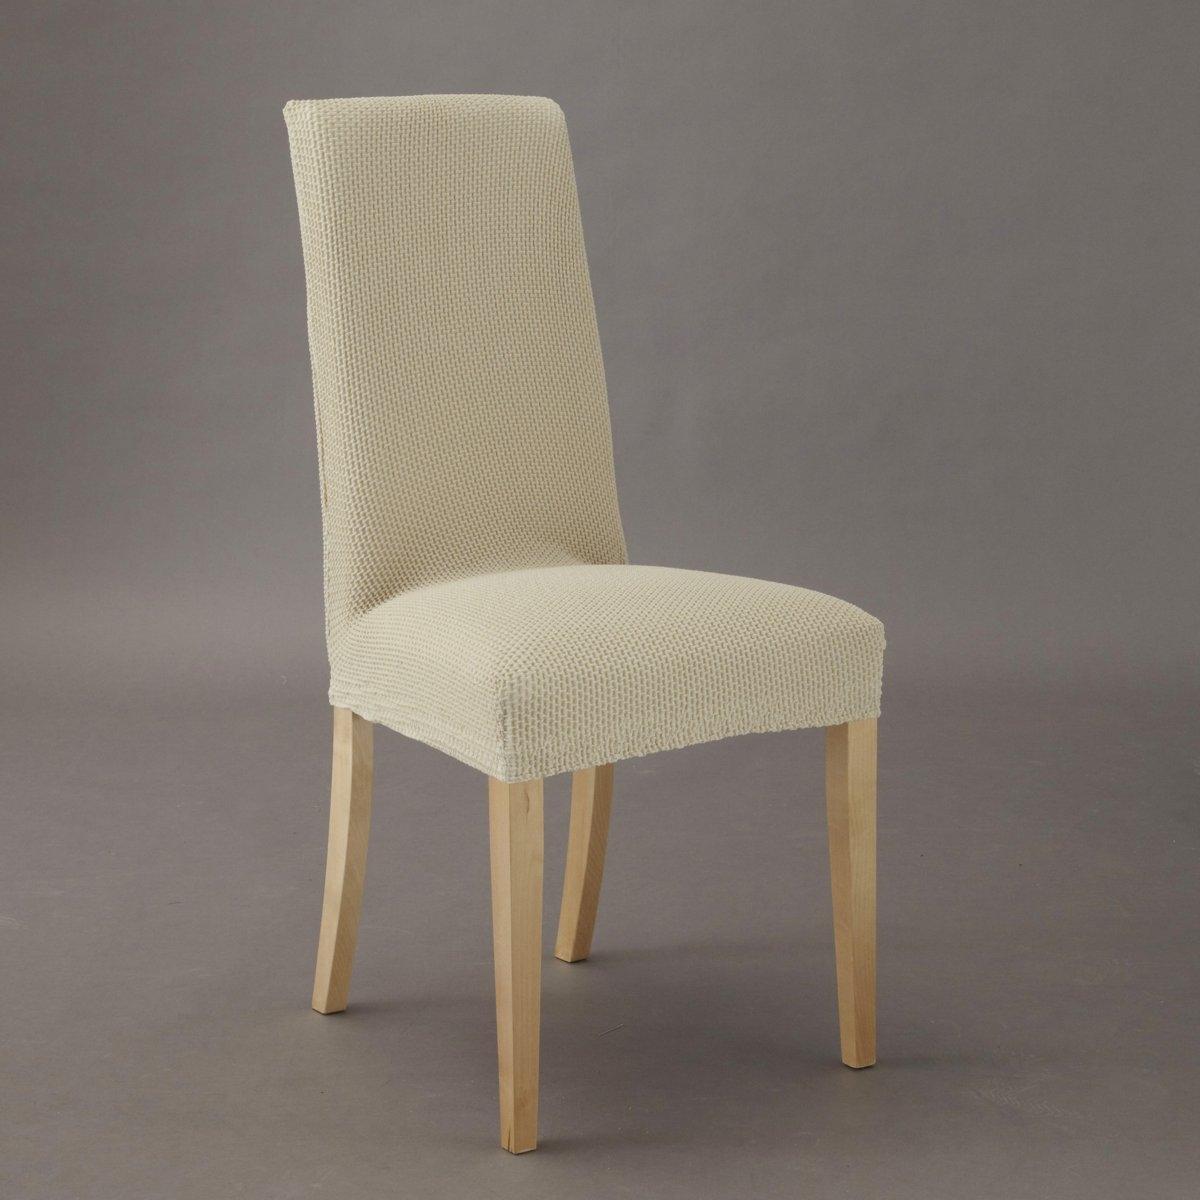 Чехол La Redoute Для стула Ахмис единый размер белый чехол для стула 128